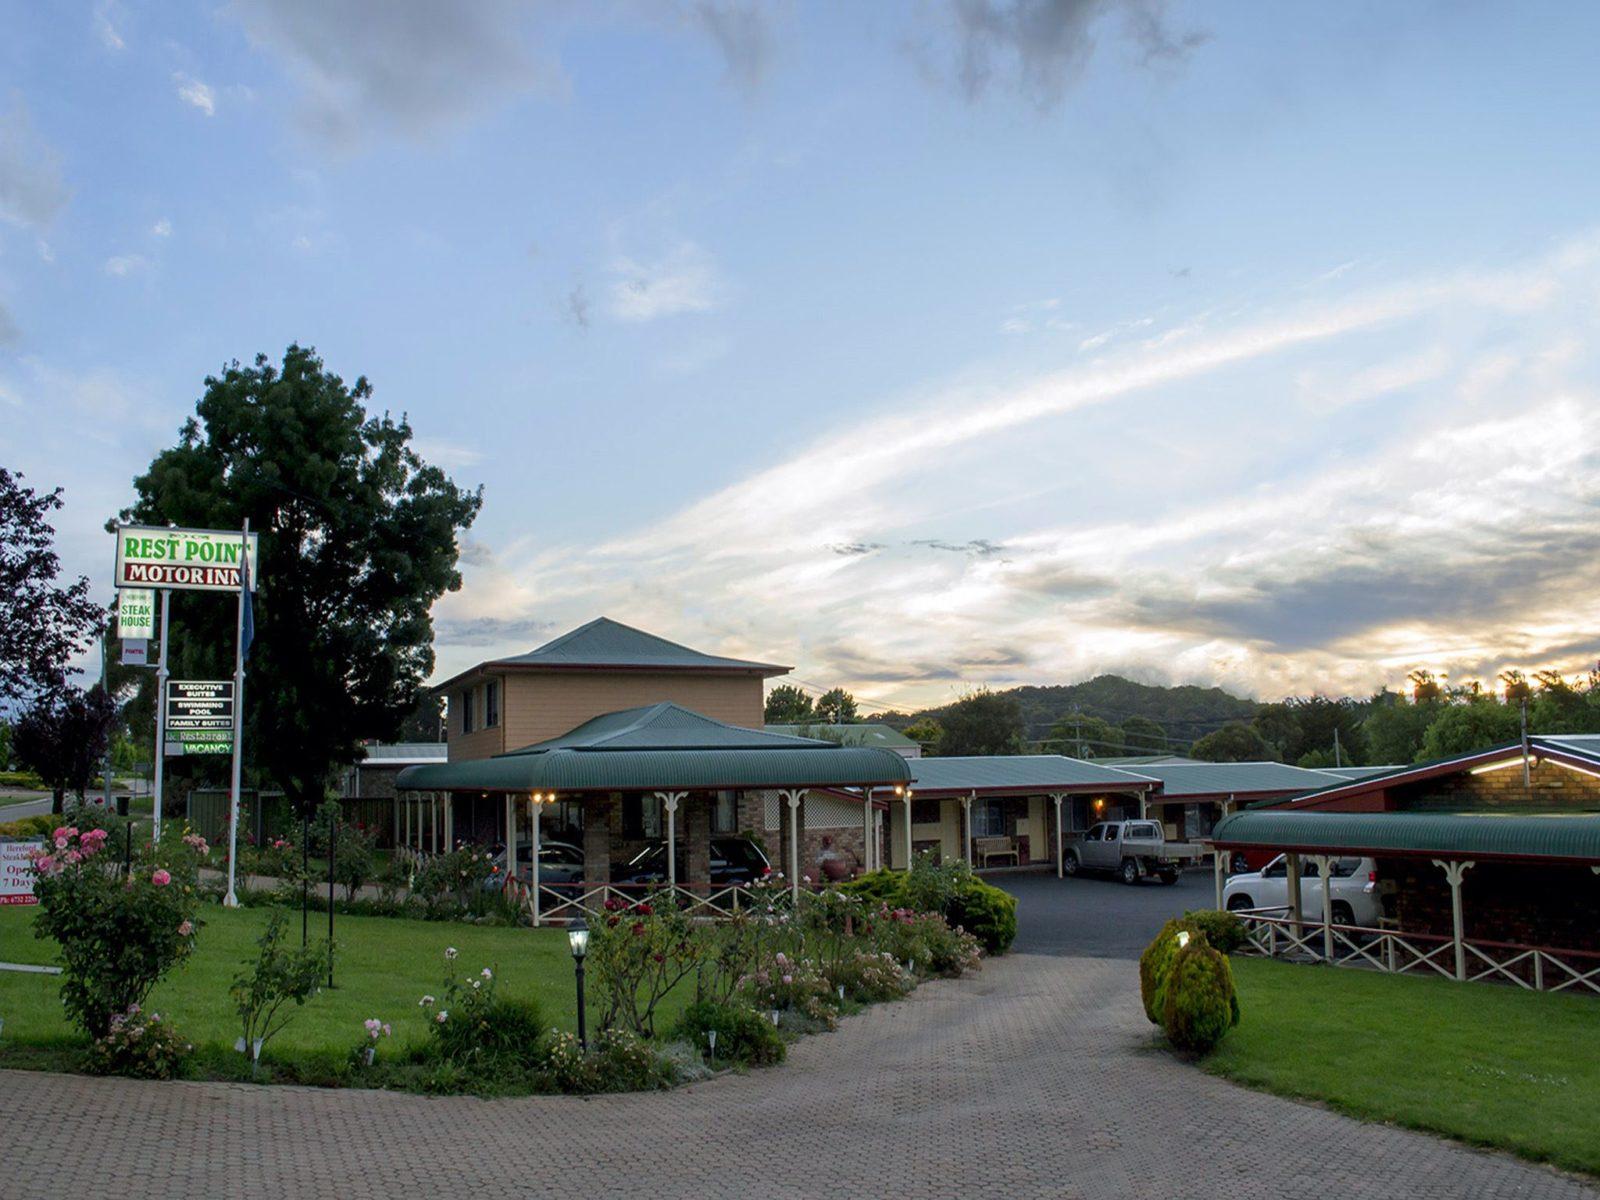 Rest Point Motor Inn and Hereford Steakhouse